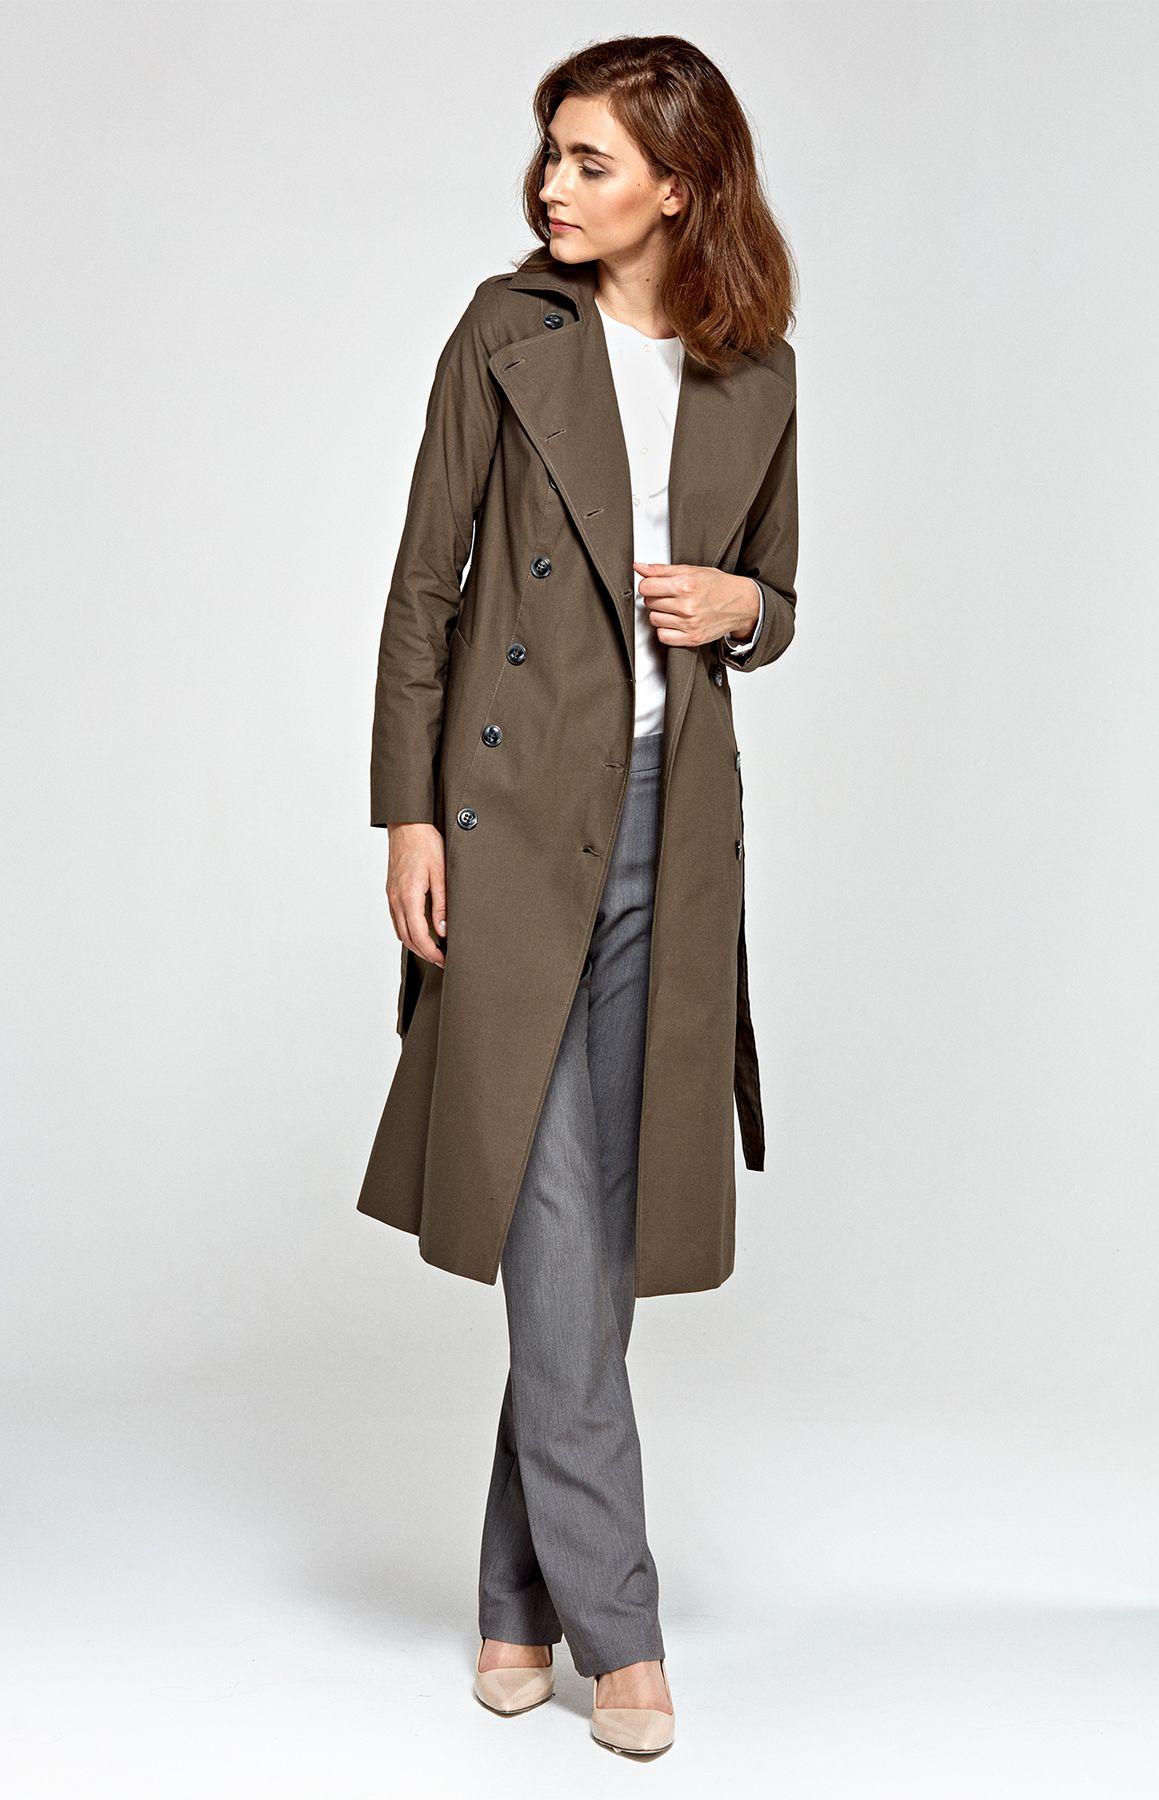 Trench long femme kaki nipl04k idresstocode boutique de d shabill s et nuisettes robes et jupes - Comment porter un trench femme ...